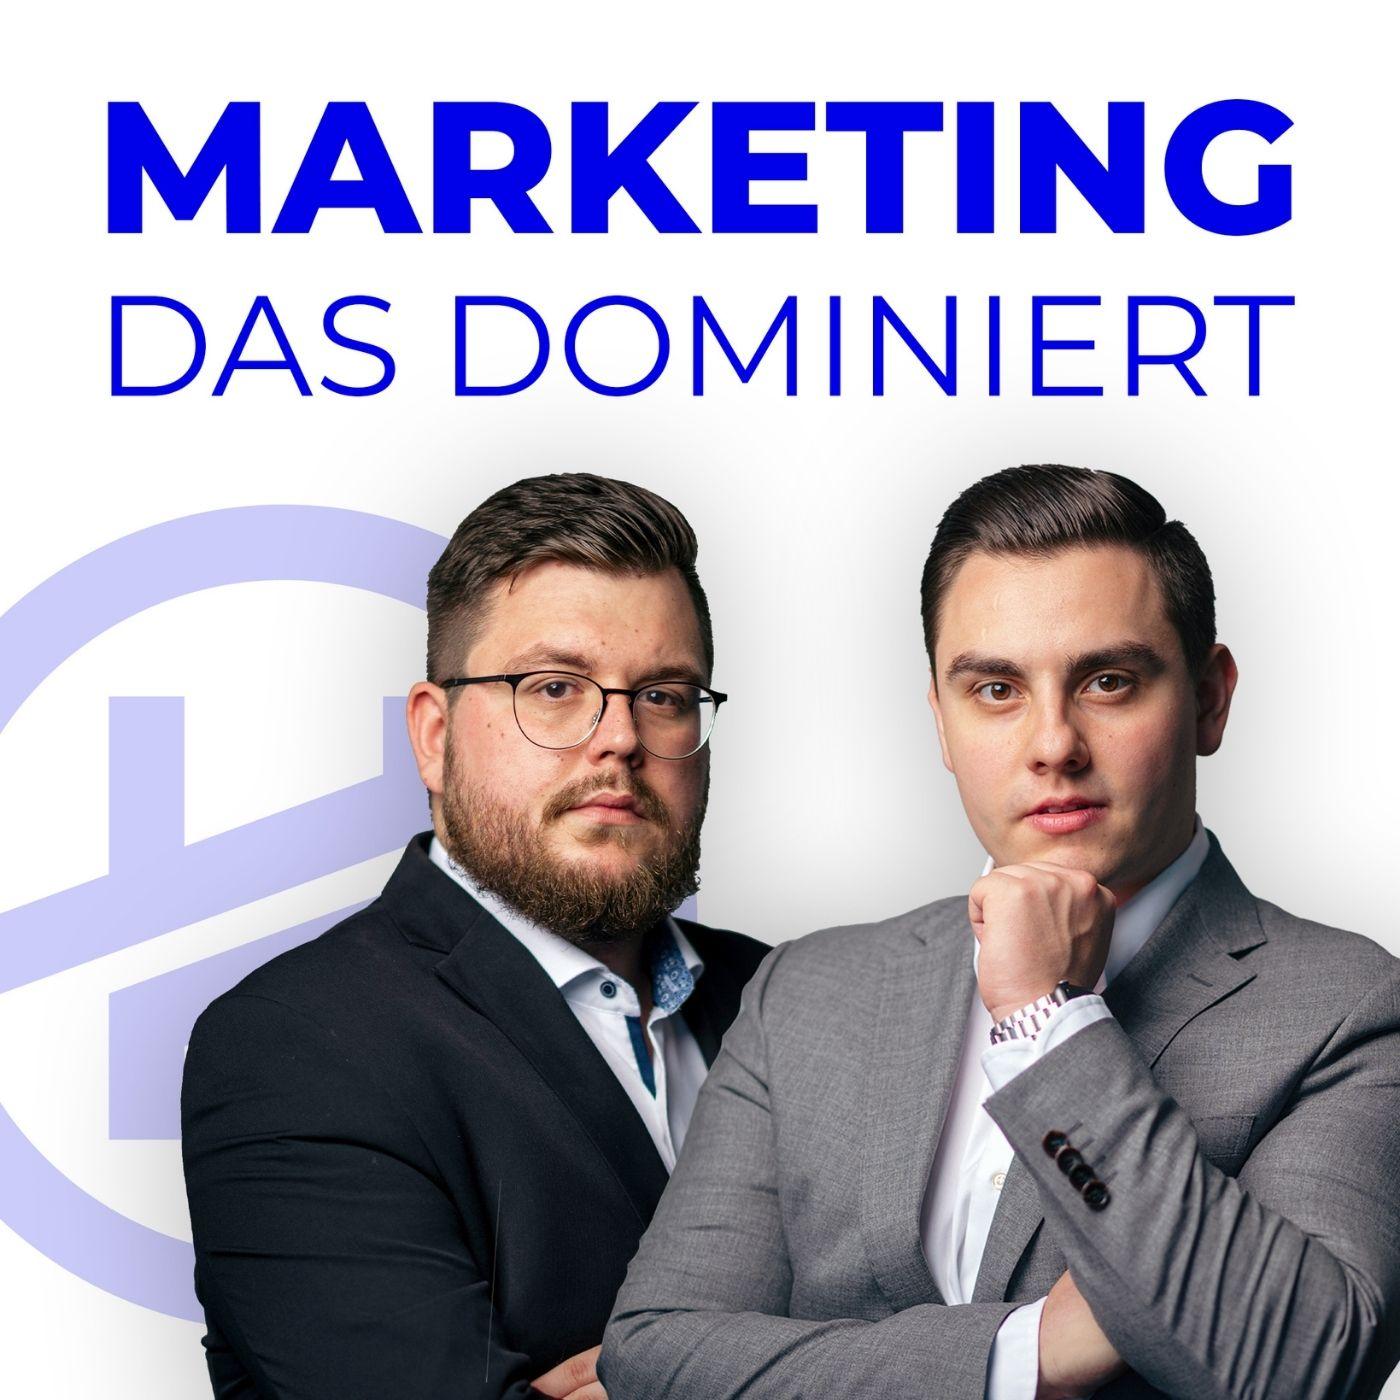 Artwork for podcast Marketing das dominiert I Online-Marketing Agentur | Business | Consulting | Verkaufen